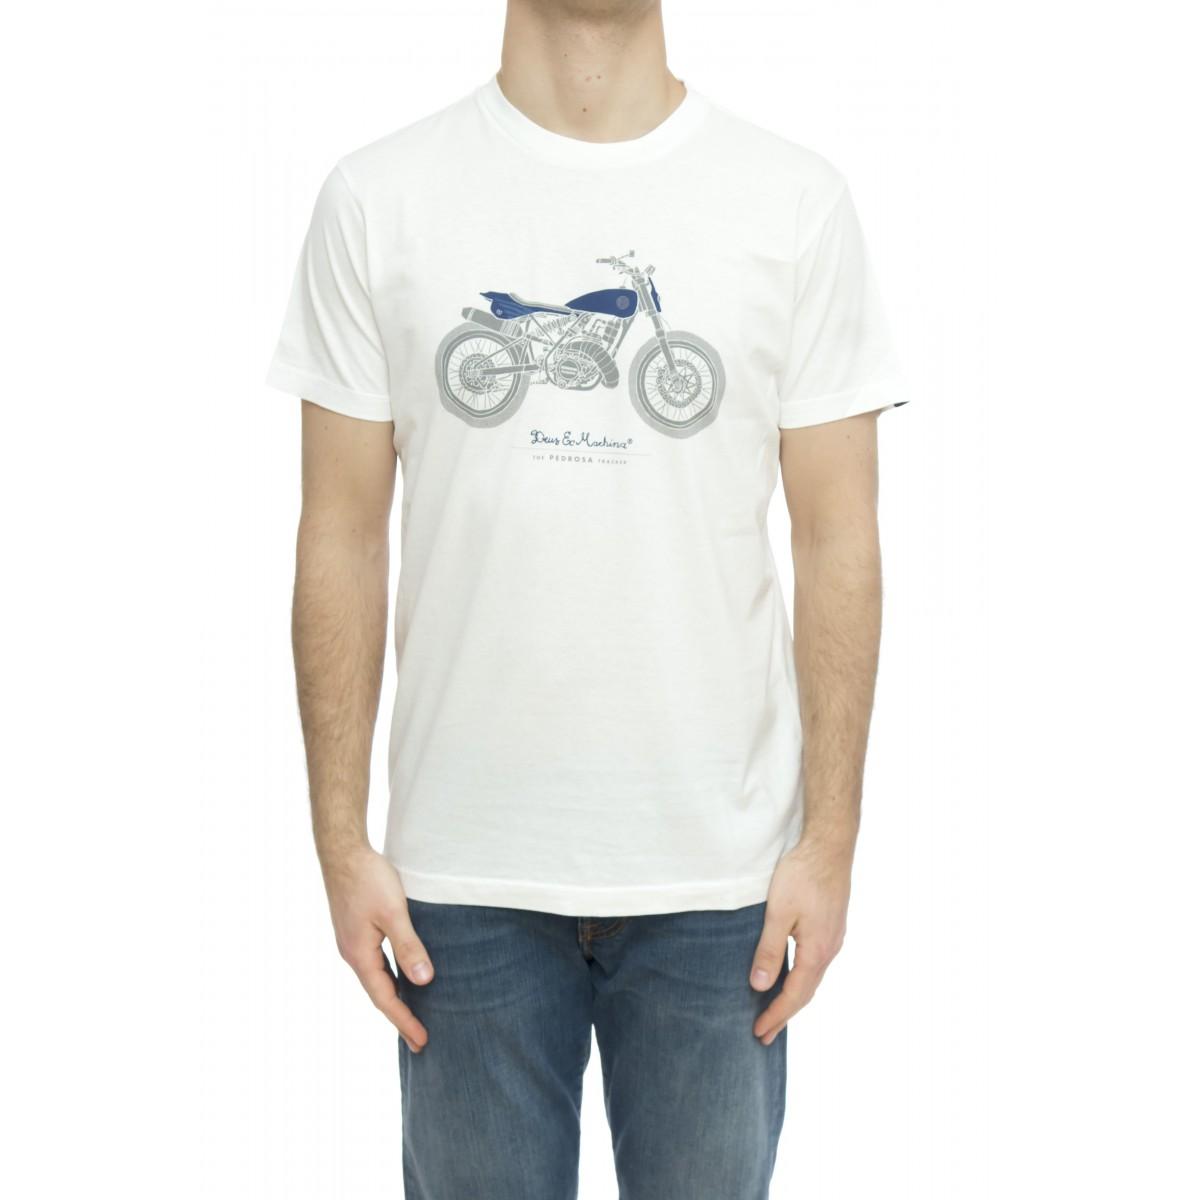 T-shirt - Tee0367